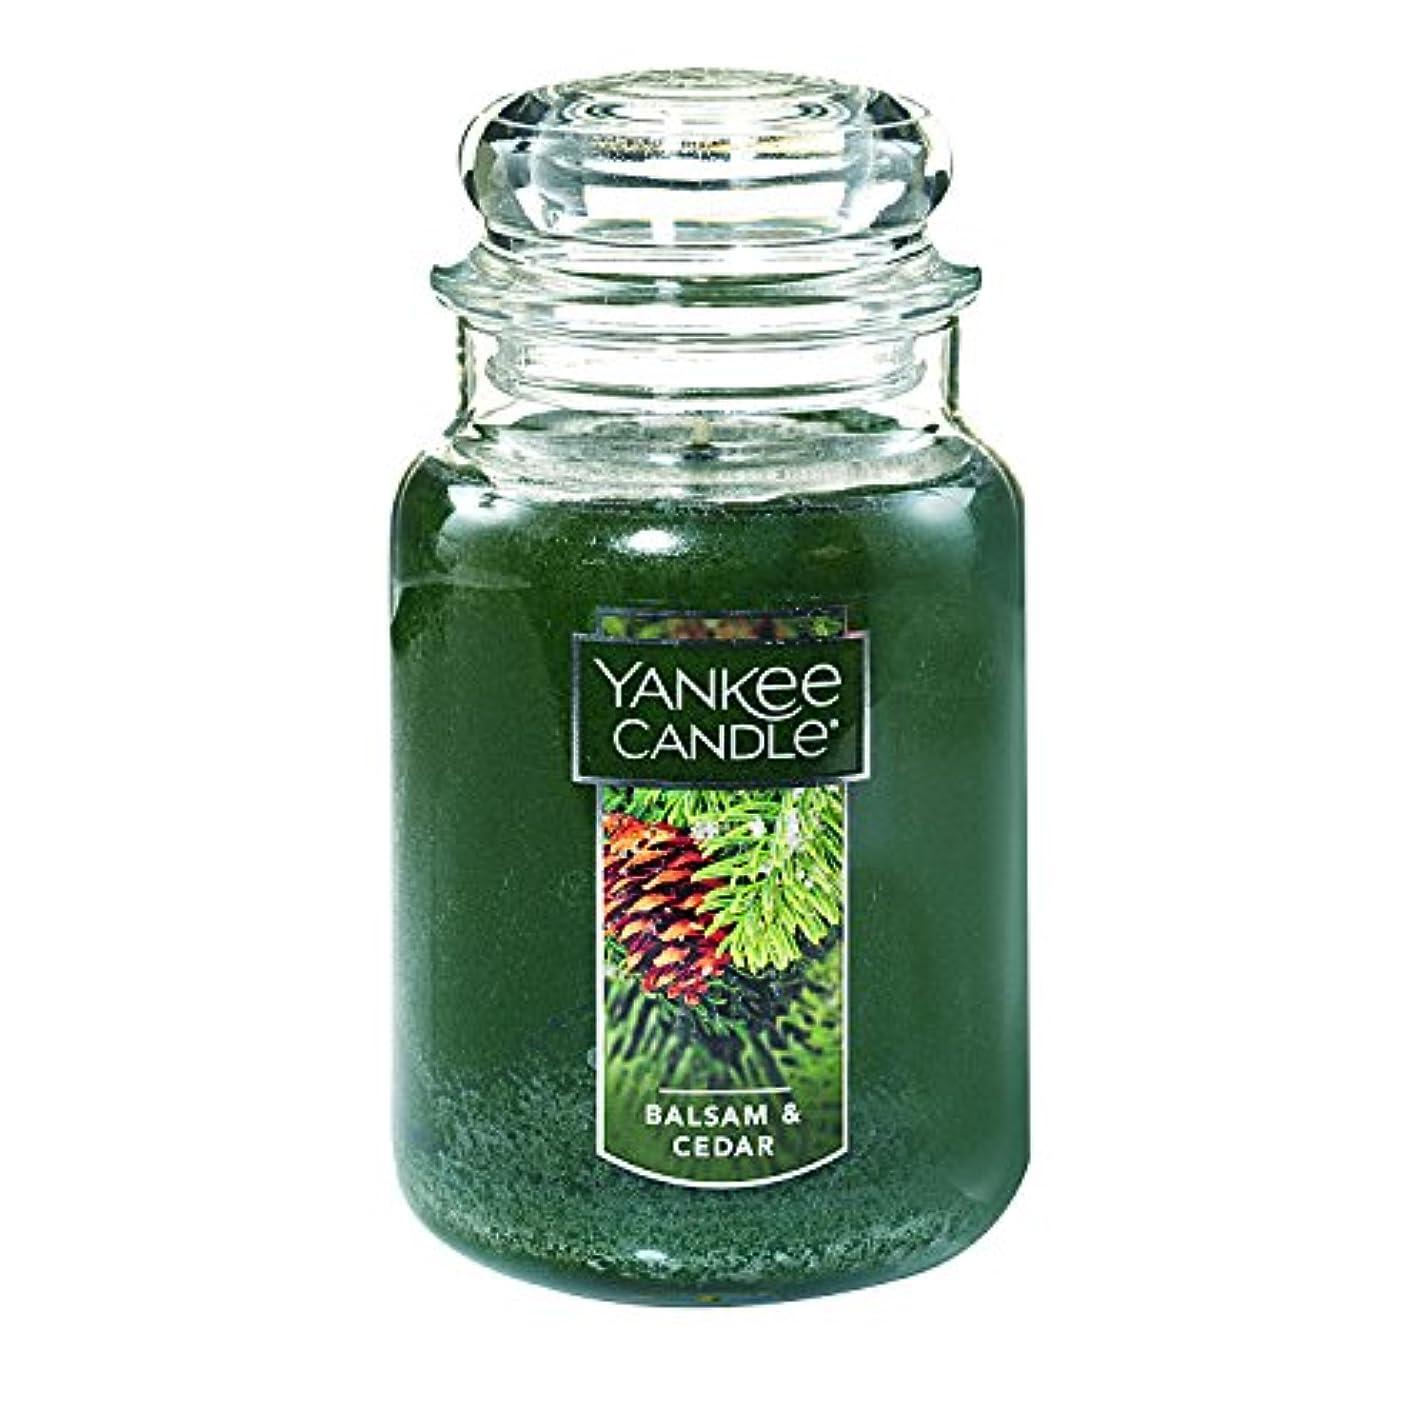 行老人お祝い(ヤンキーキャンドル) Yankee Candle ラージ 22オンス ジャーキャンドル バルサム&シダー Large Jar Candle グリーン 1062314